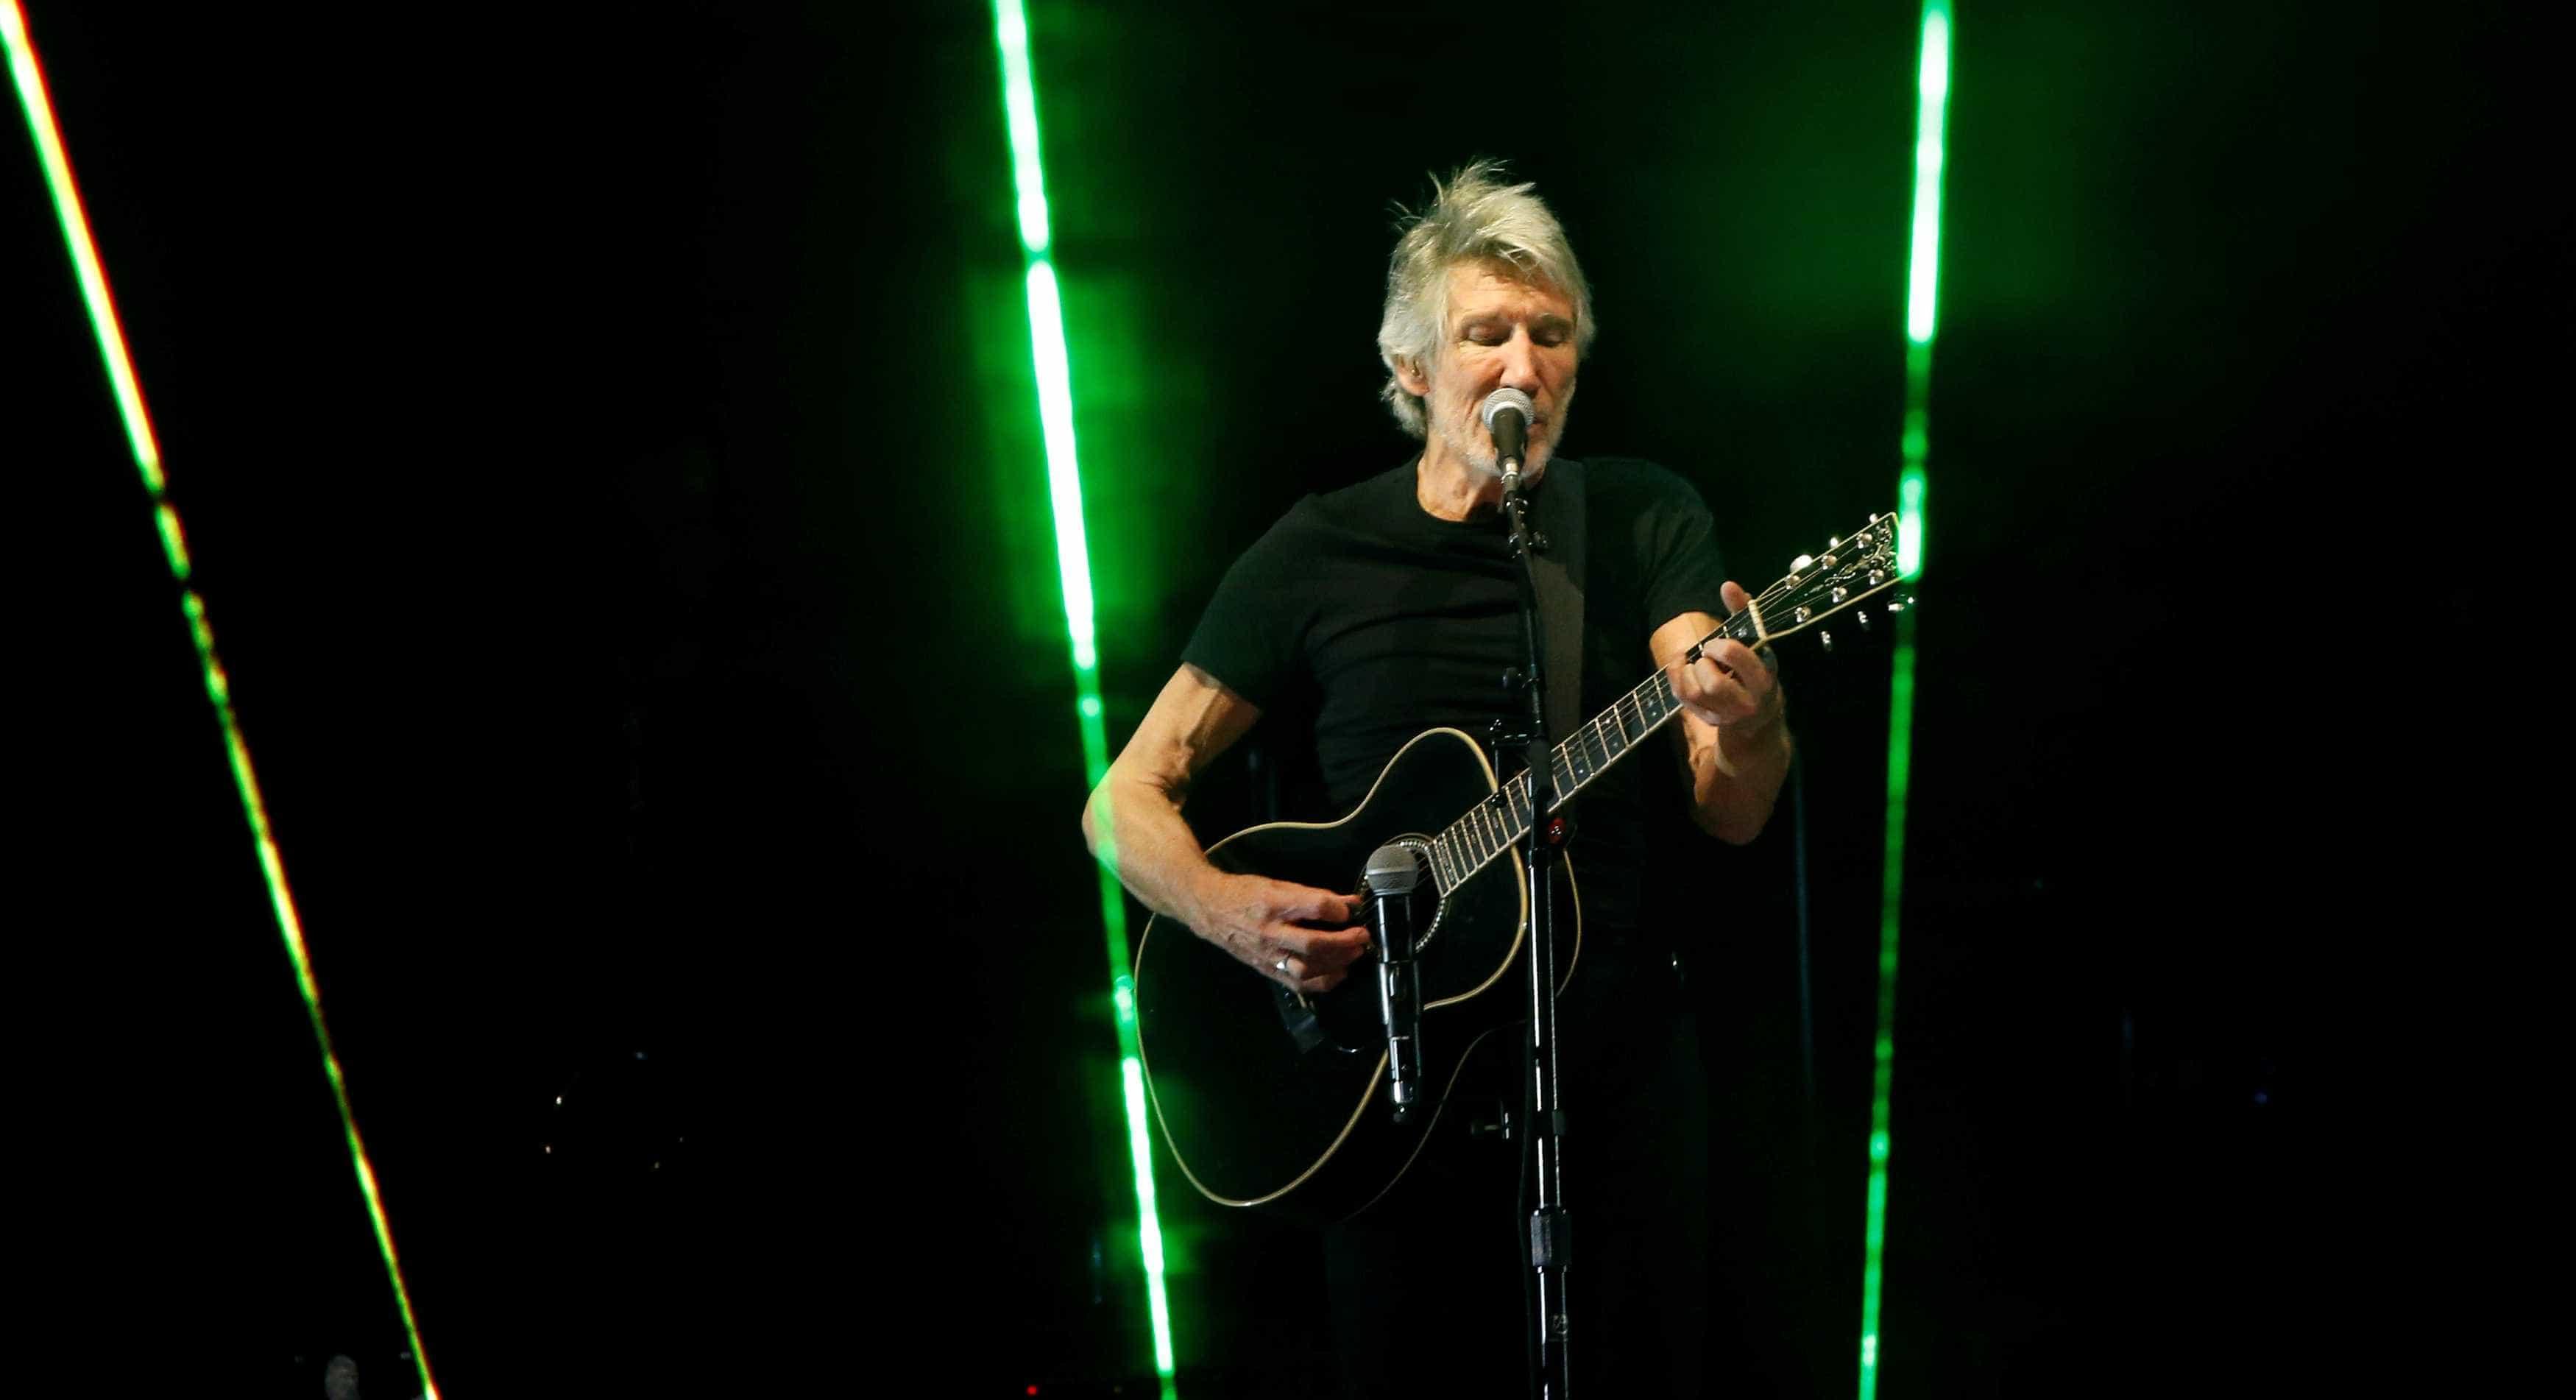 Juíza veta visita de Roger Waters a Lula na prisão